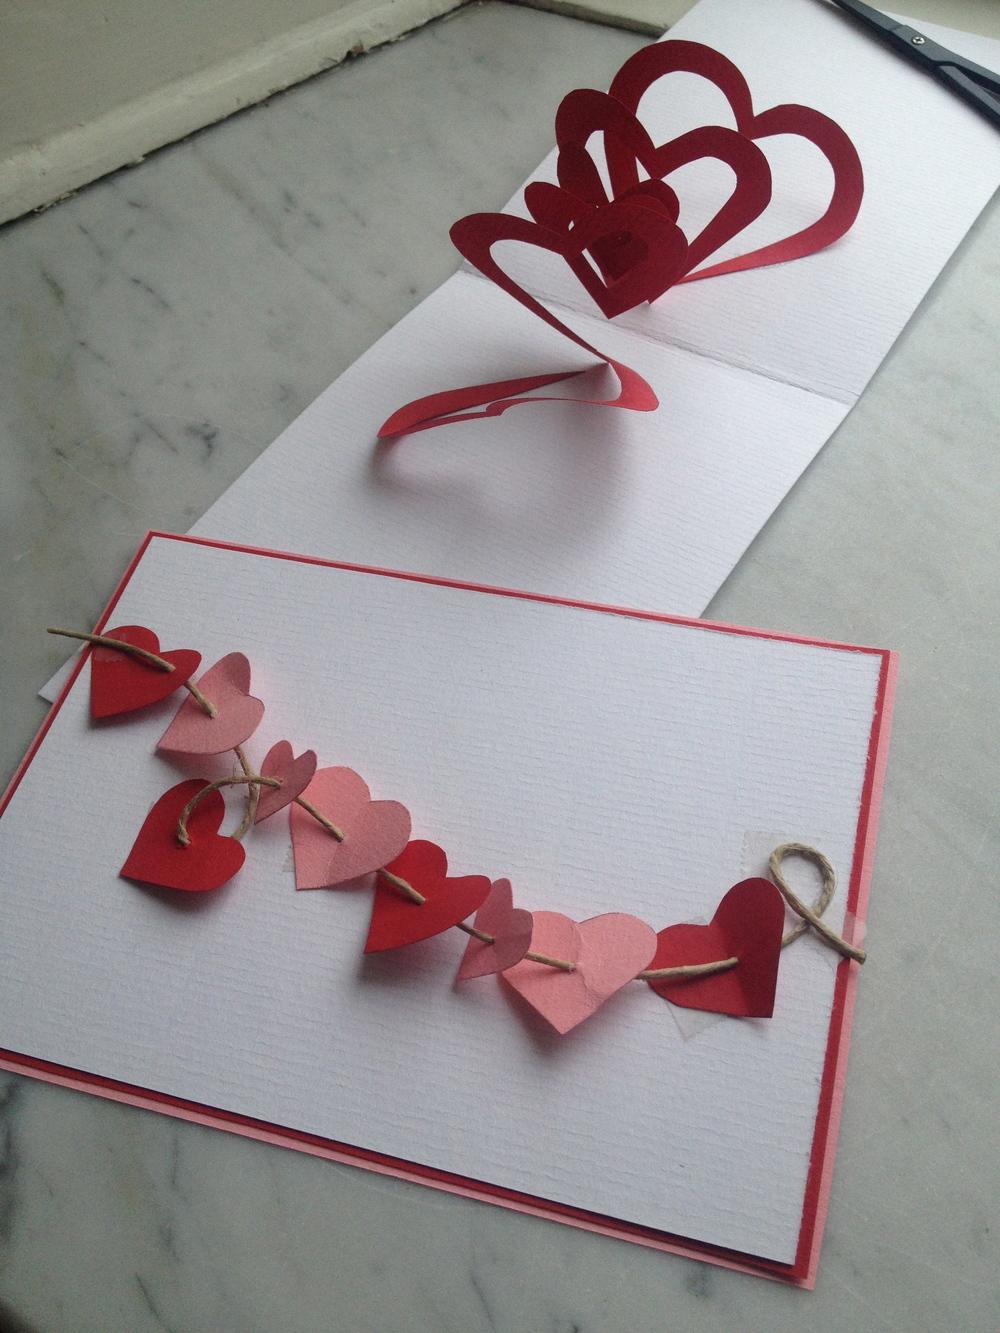 Pop-upkort med rött hjärta och ett kort med hjärtan på snöre   Foto:  Palatsliv